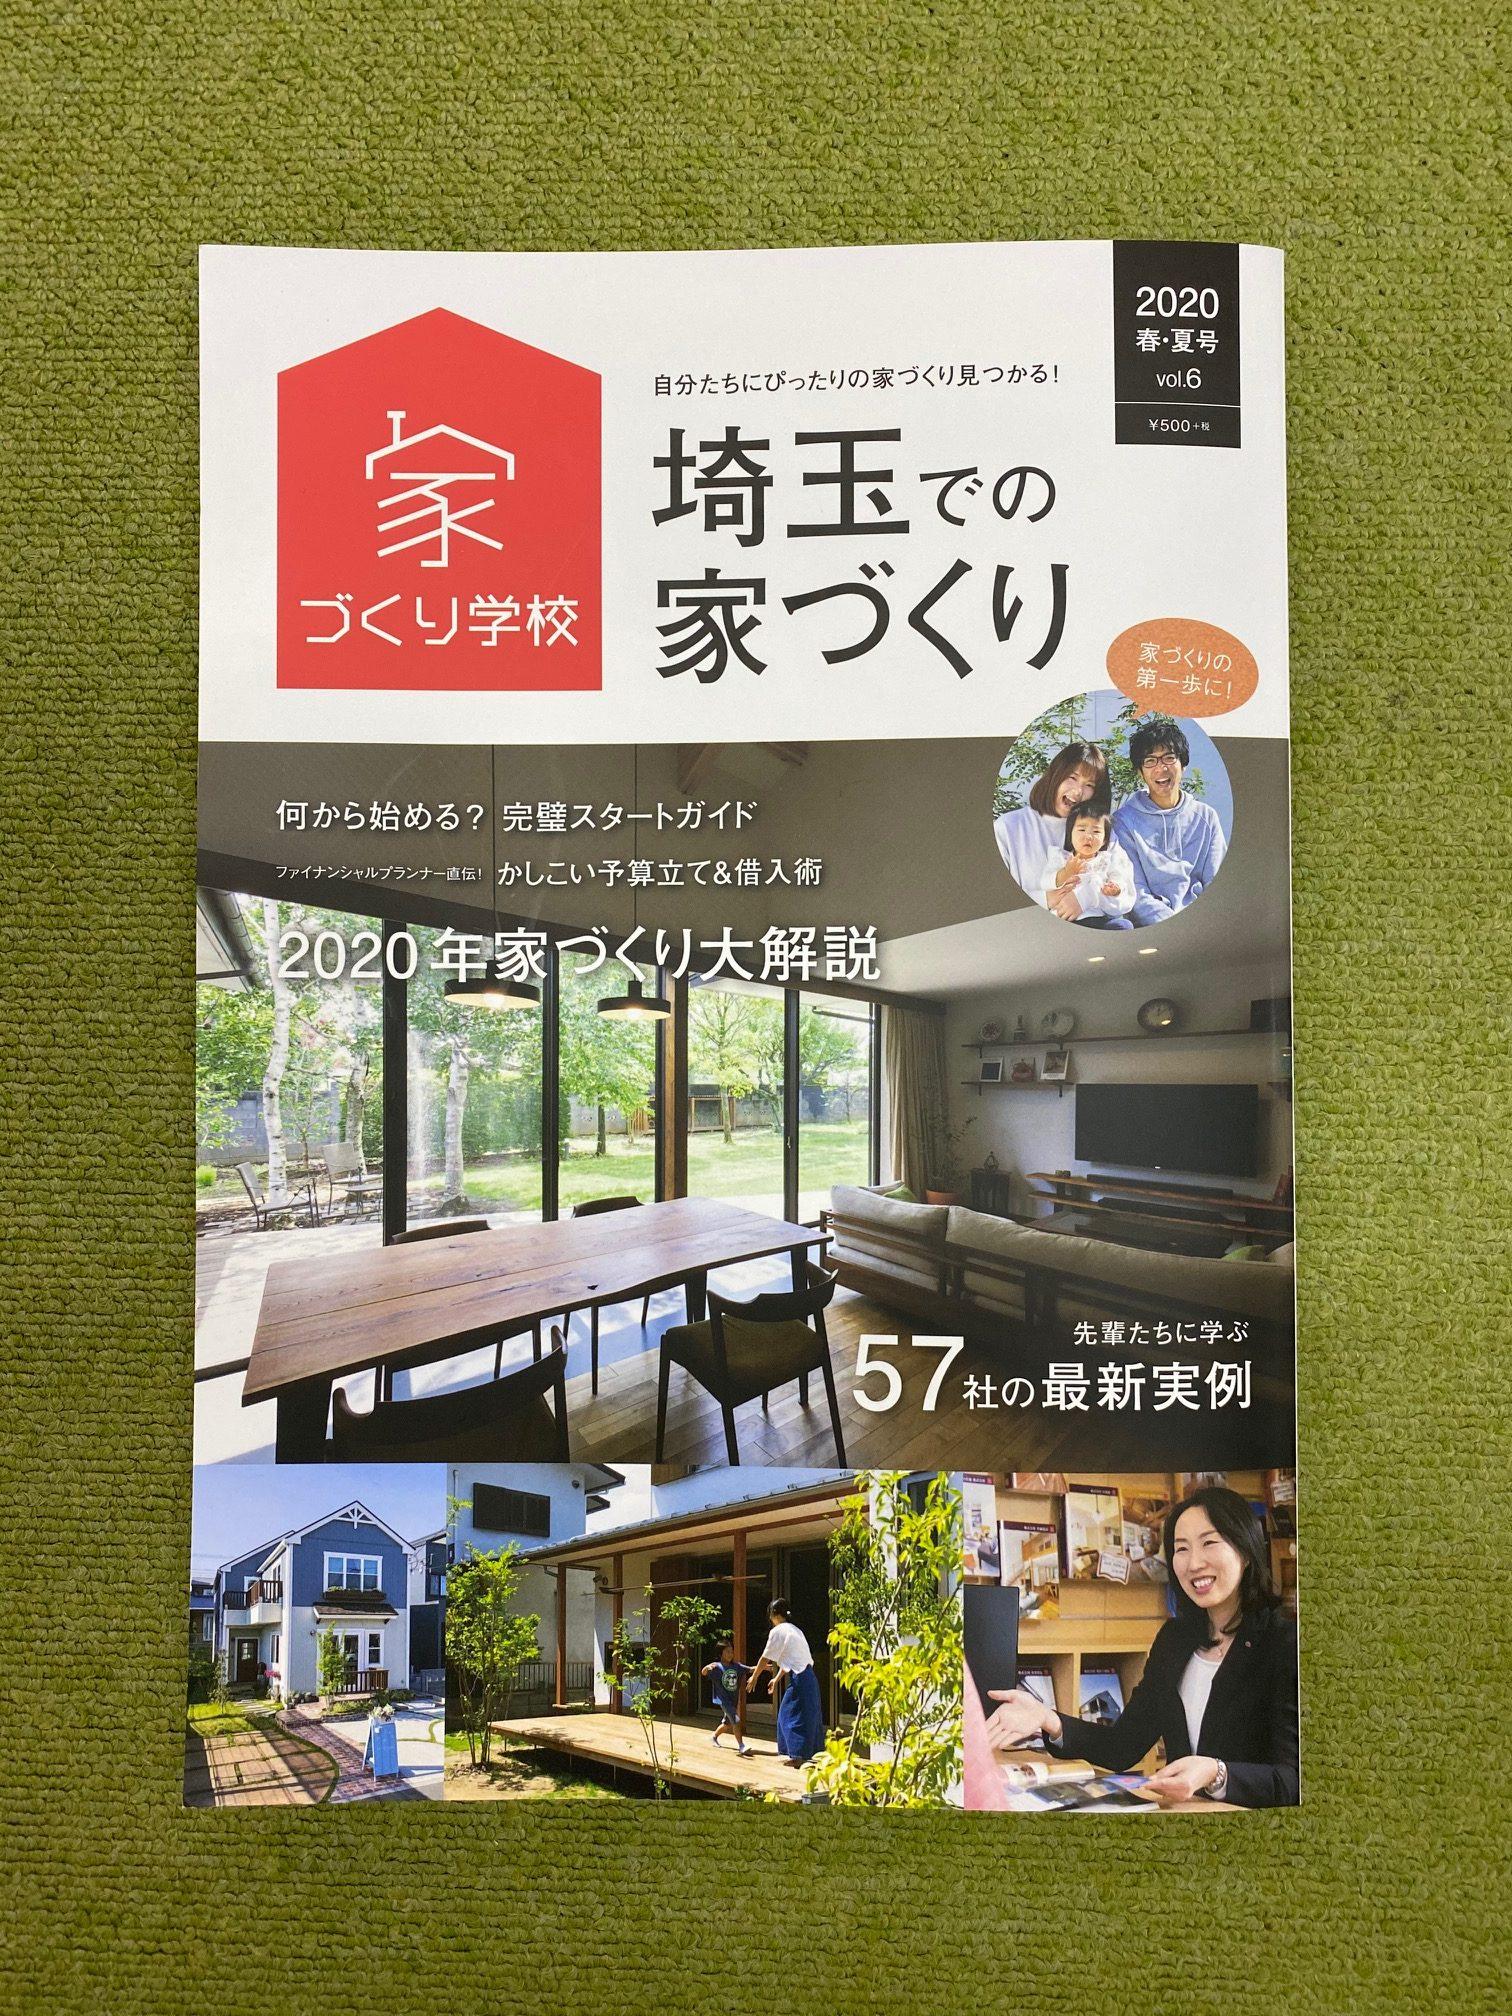 家づくり学校「埼玉での家づくりvol.6」2020春・夏号掲載